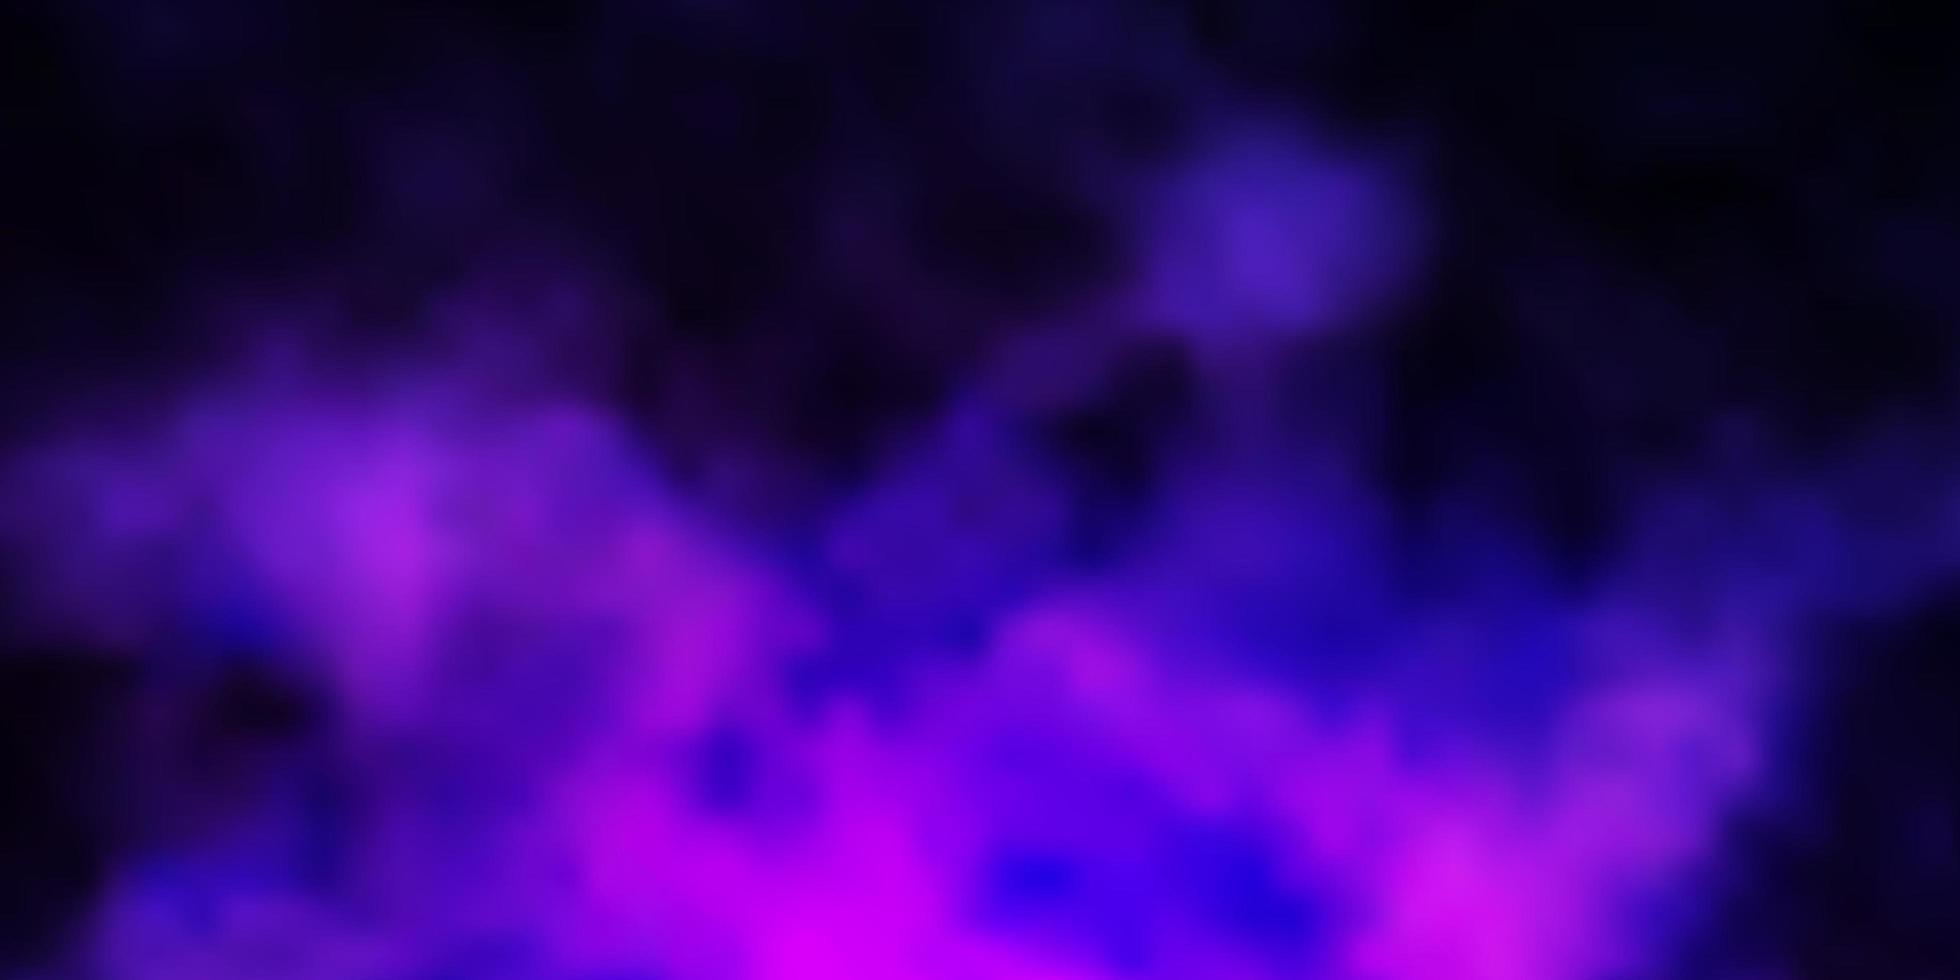 ljuslila vektor mönster med moln.